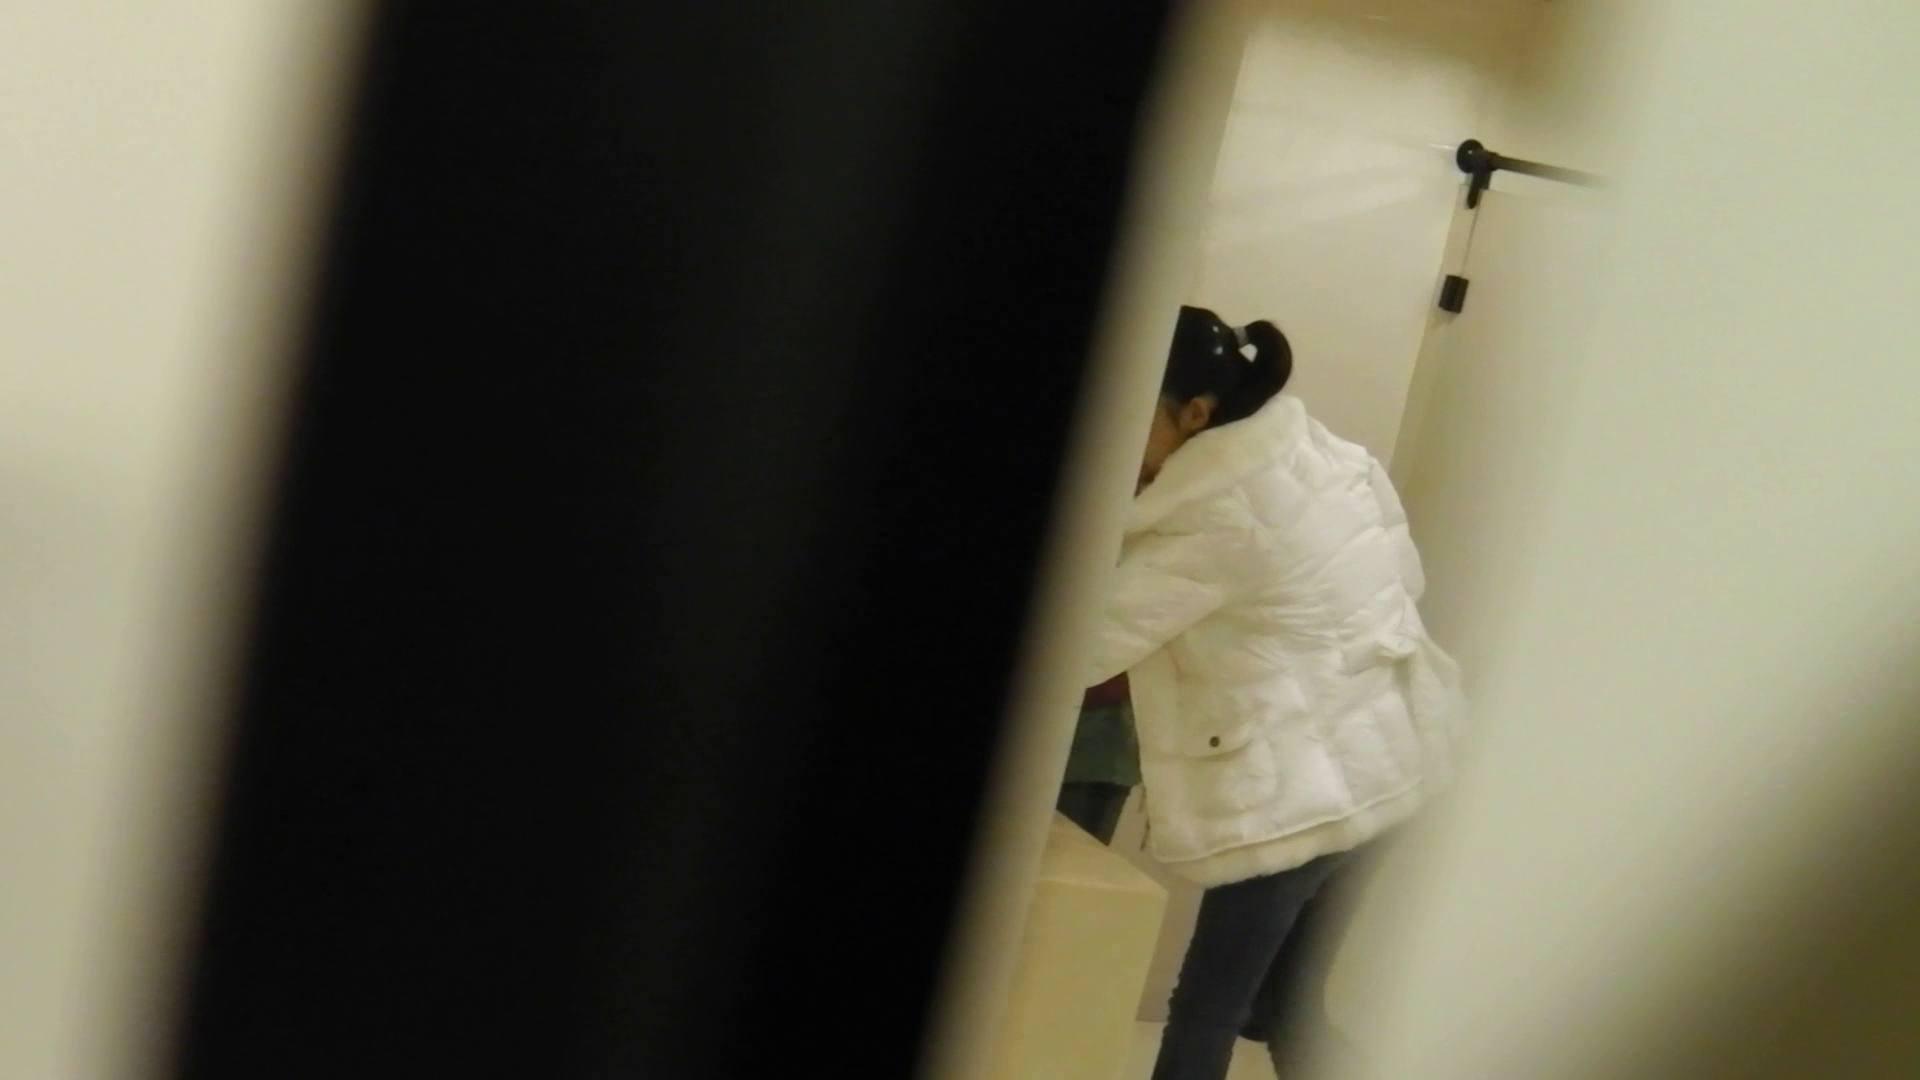 世界の射窓から vol.26 お姉さん攻略 ヌード画像 102画像 88